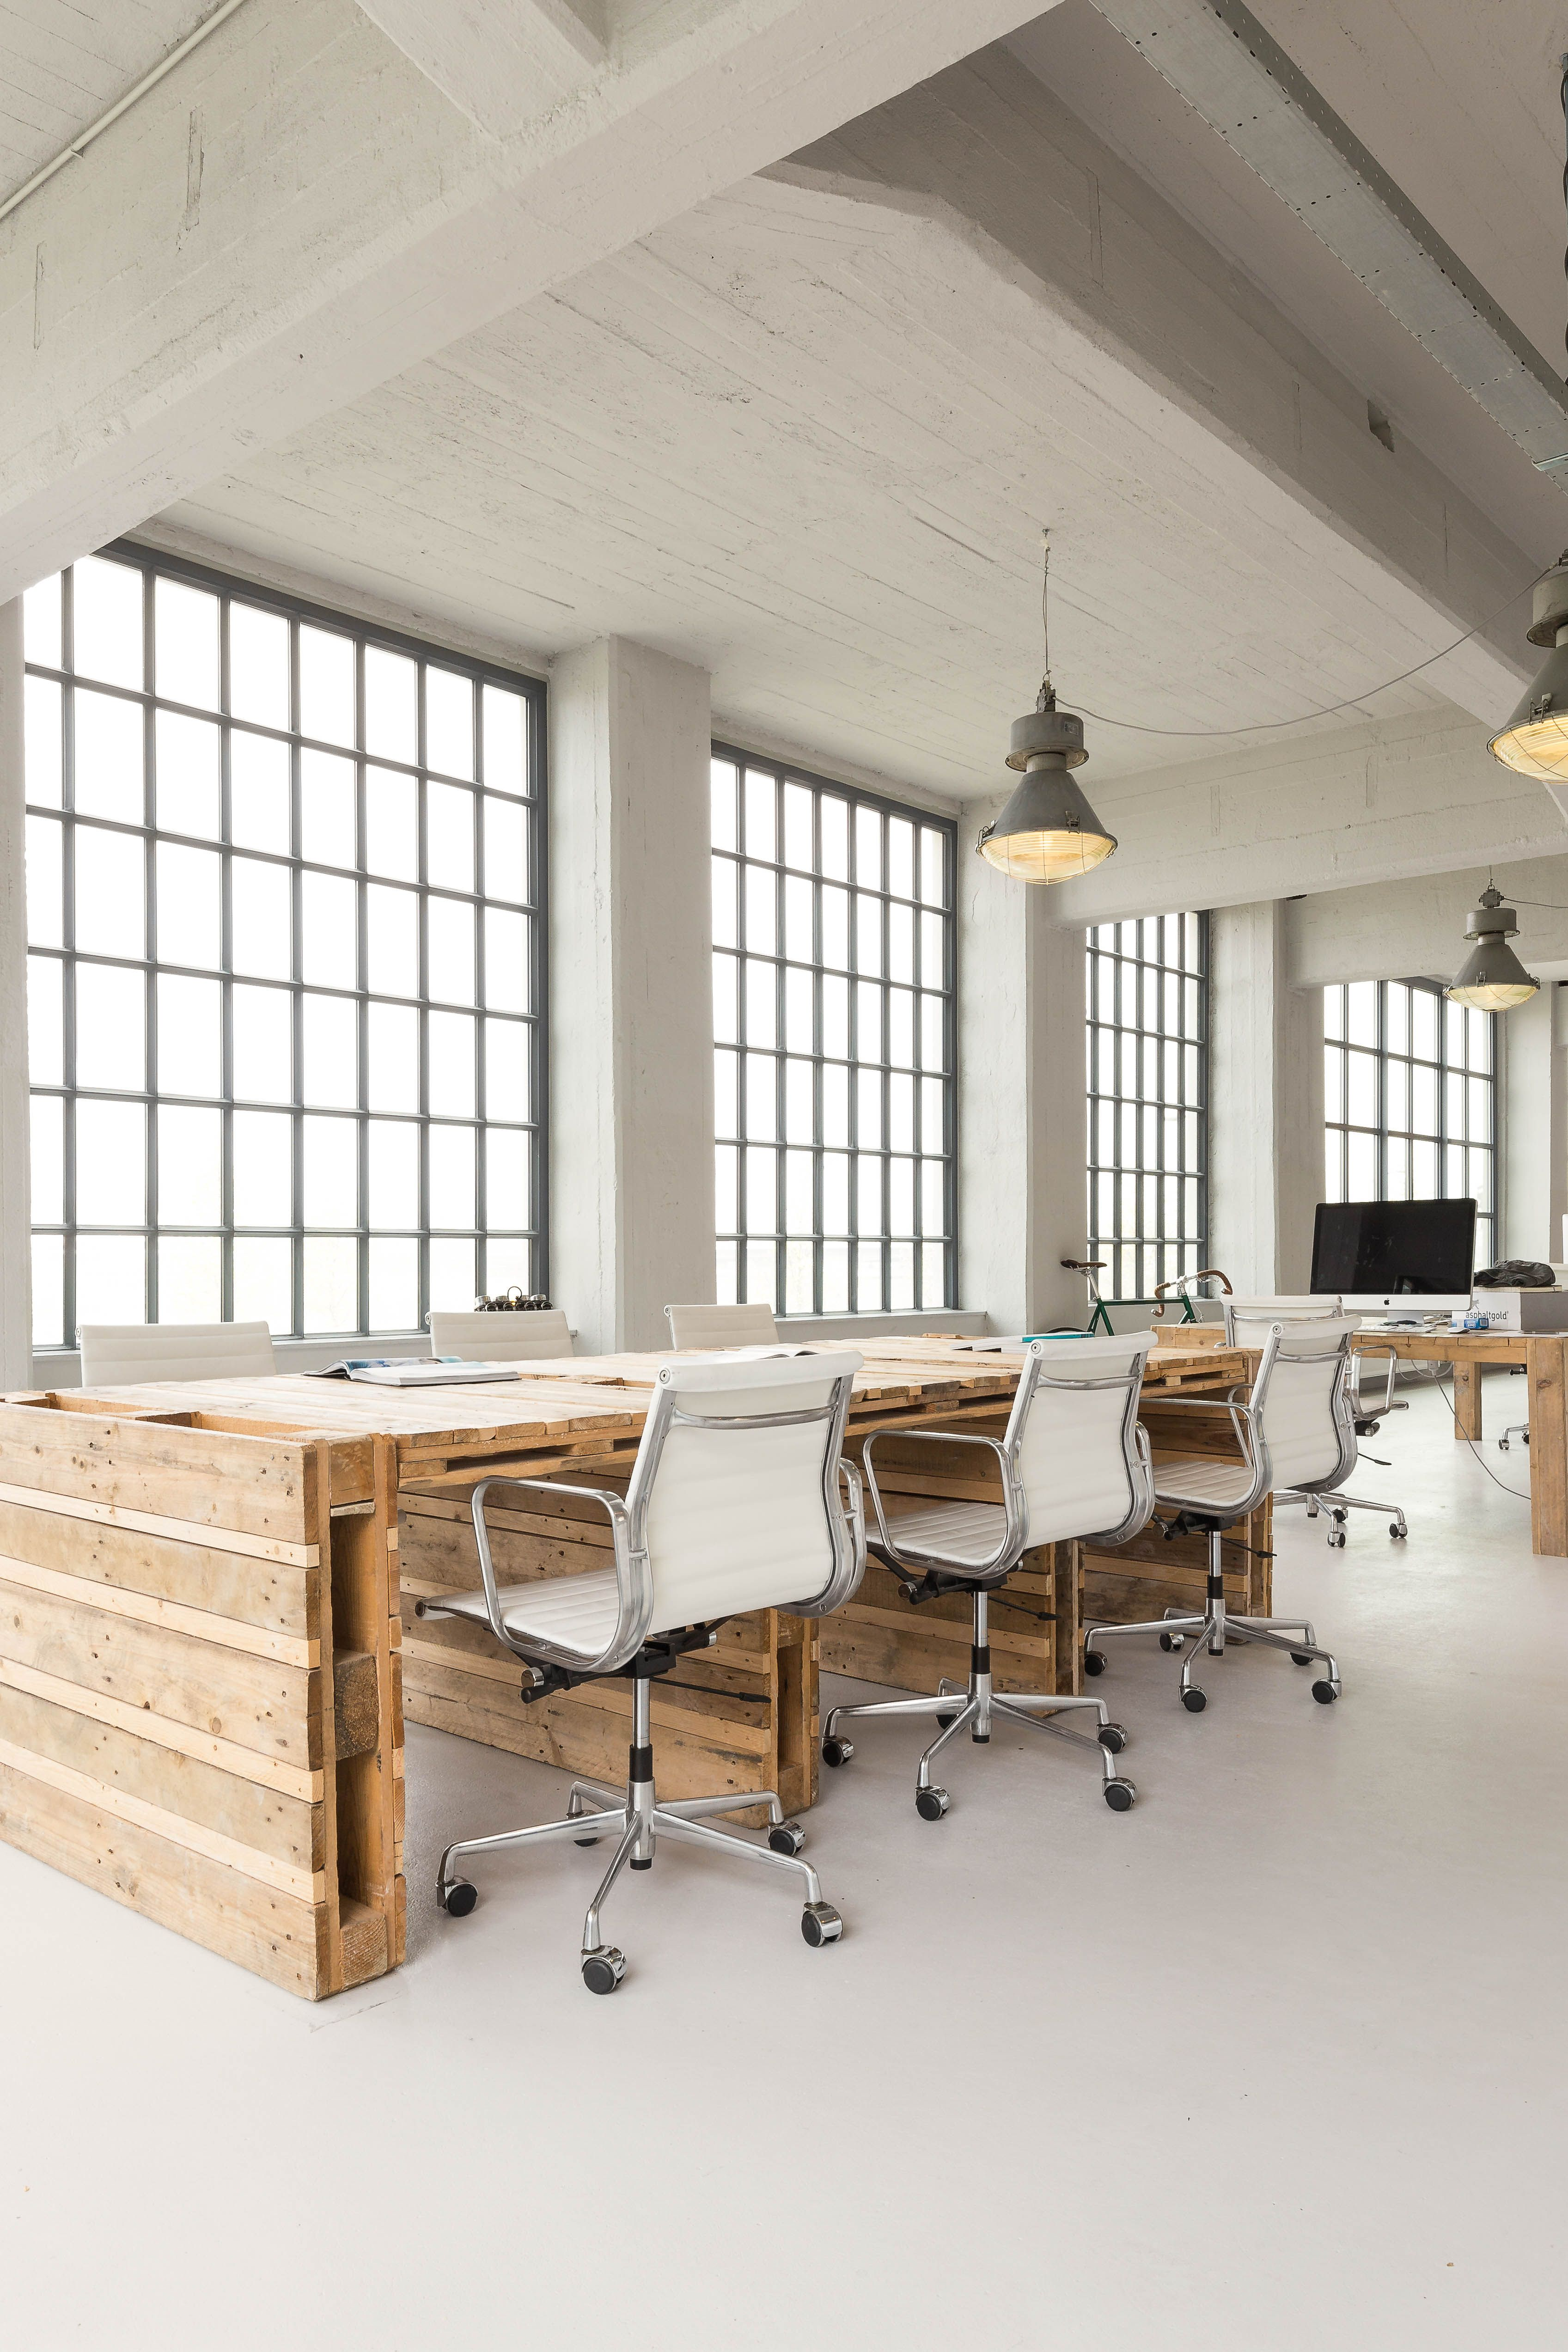 Architecture Design Office Furniture mujjo office nedinsco building venlo #architecture #design